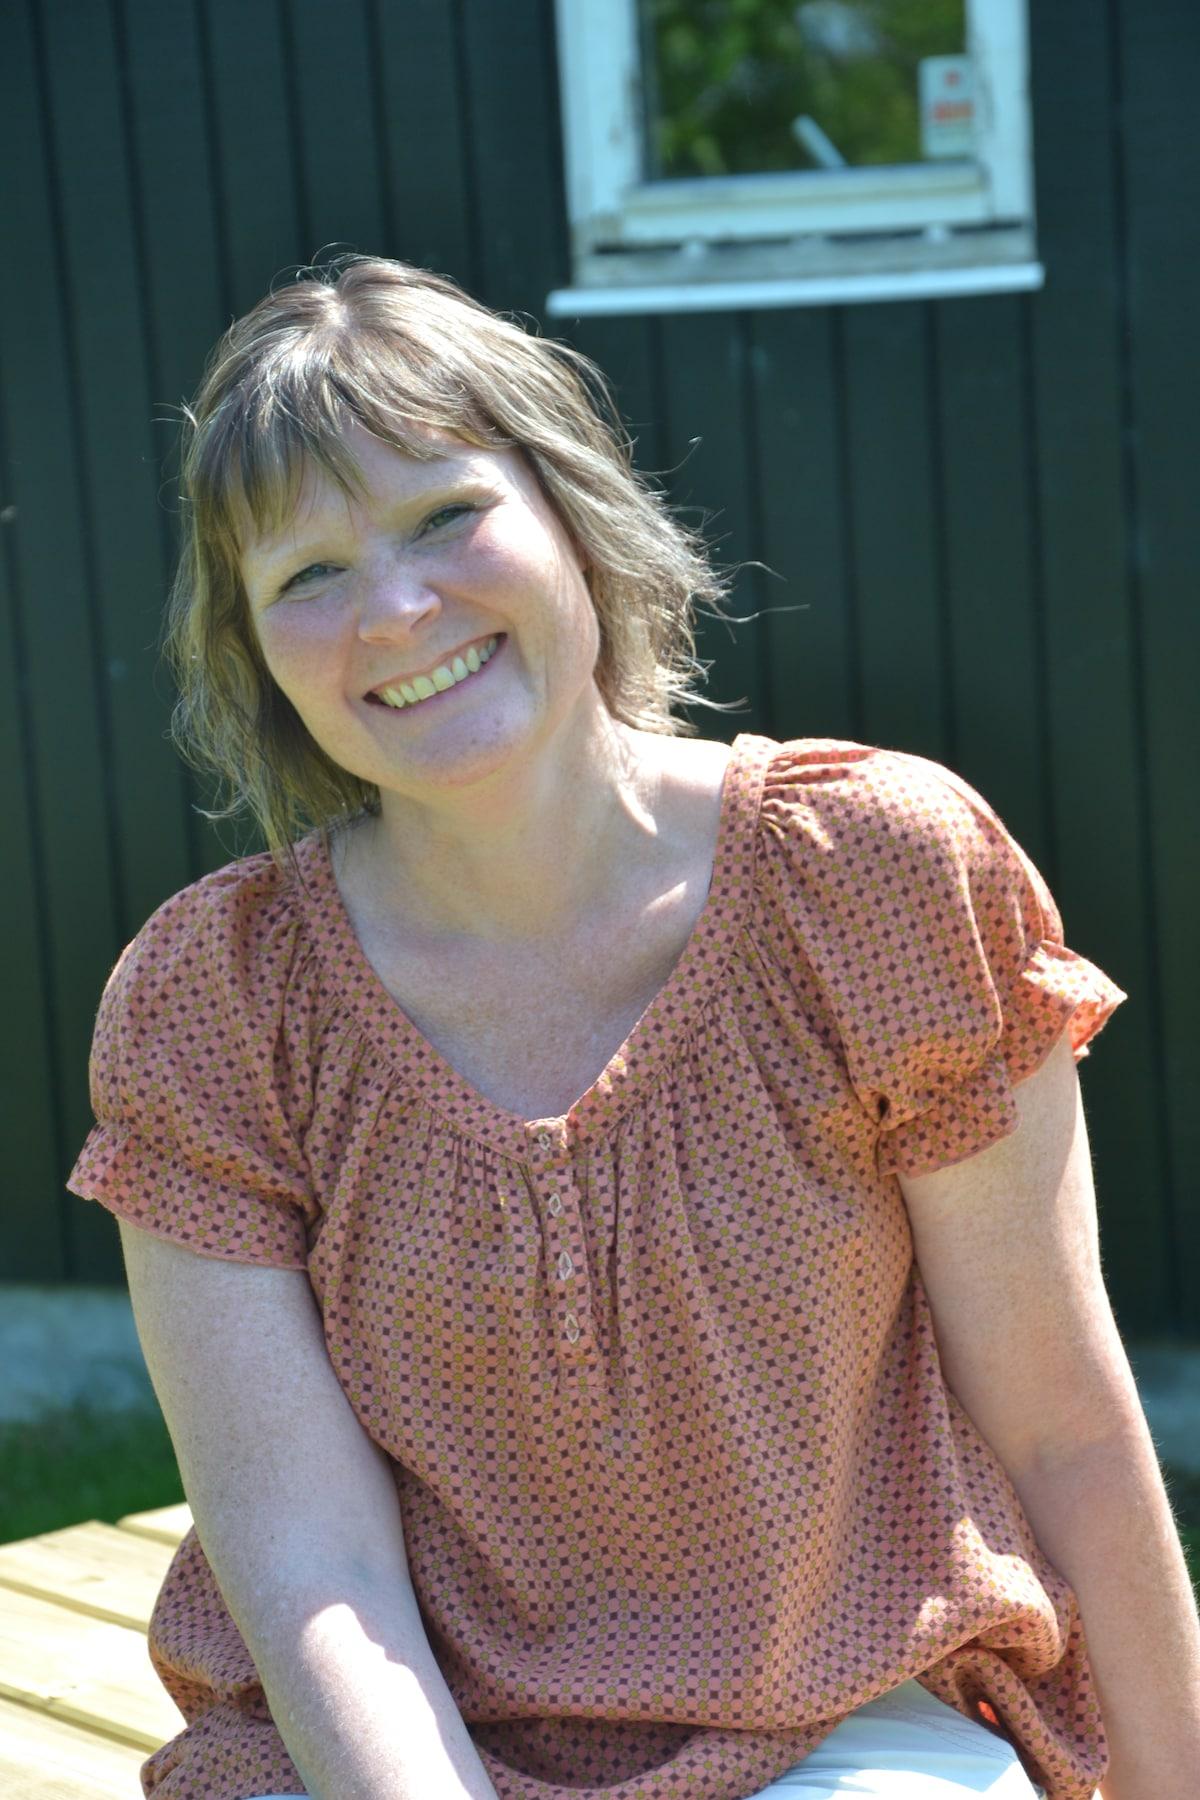 Tina From Varde, Denmark